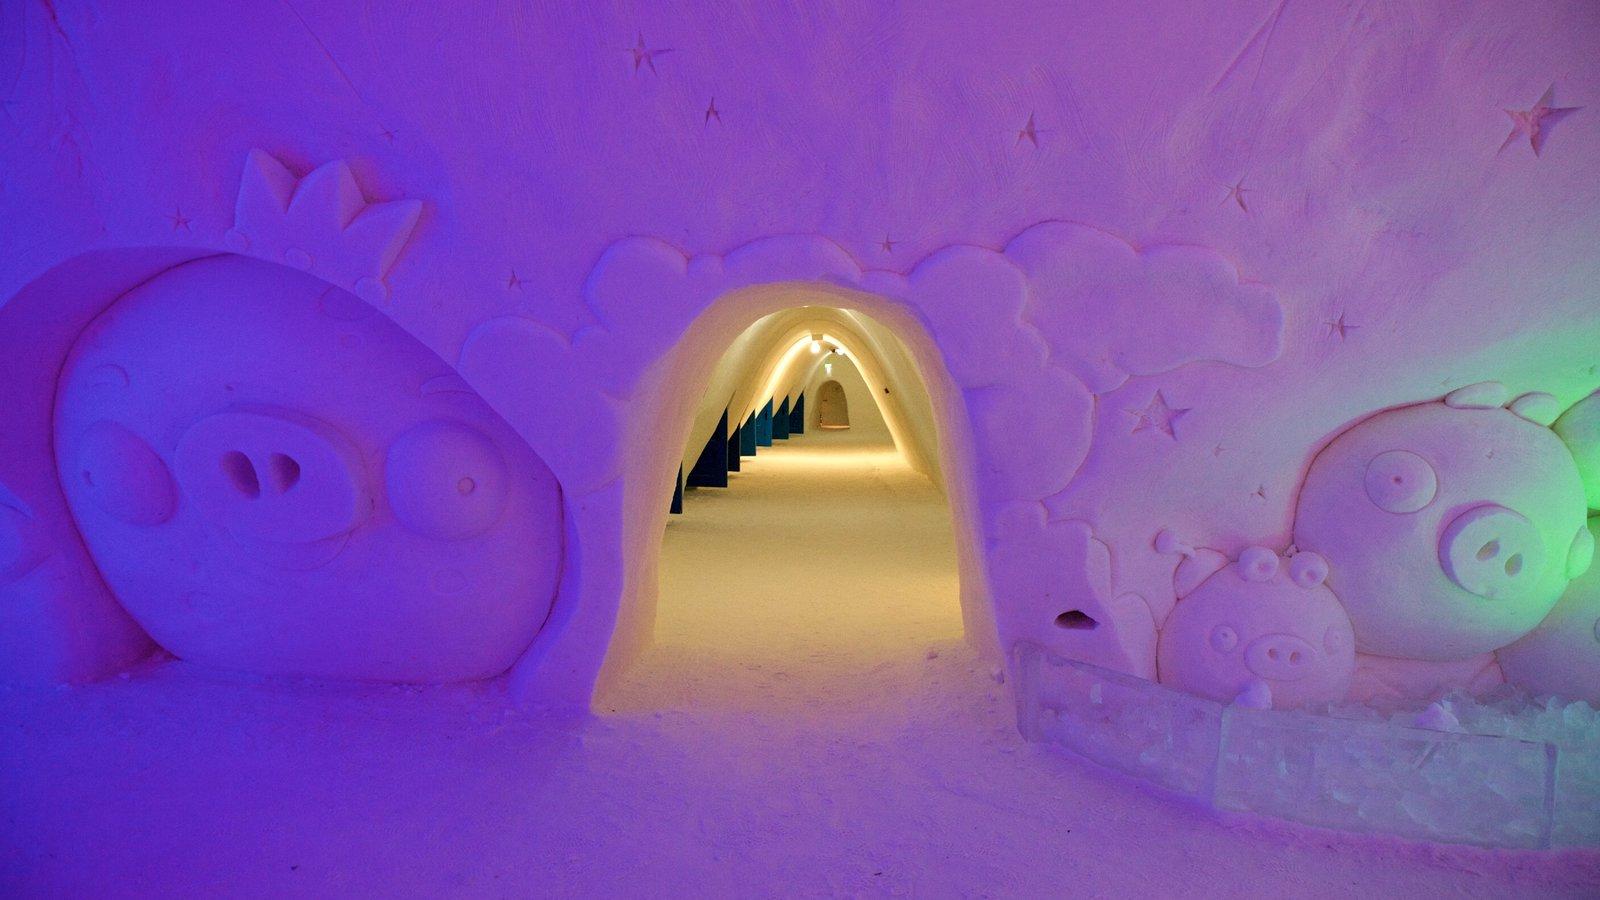 kemi snow castle pictures: view photos & images of kemi snow castle